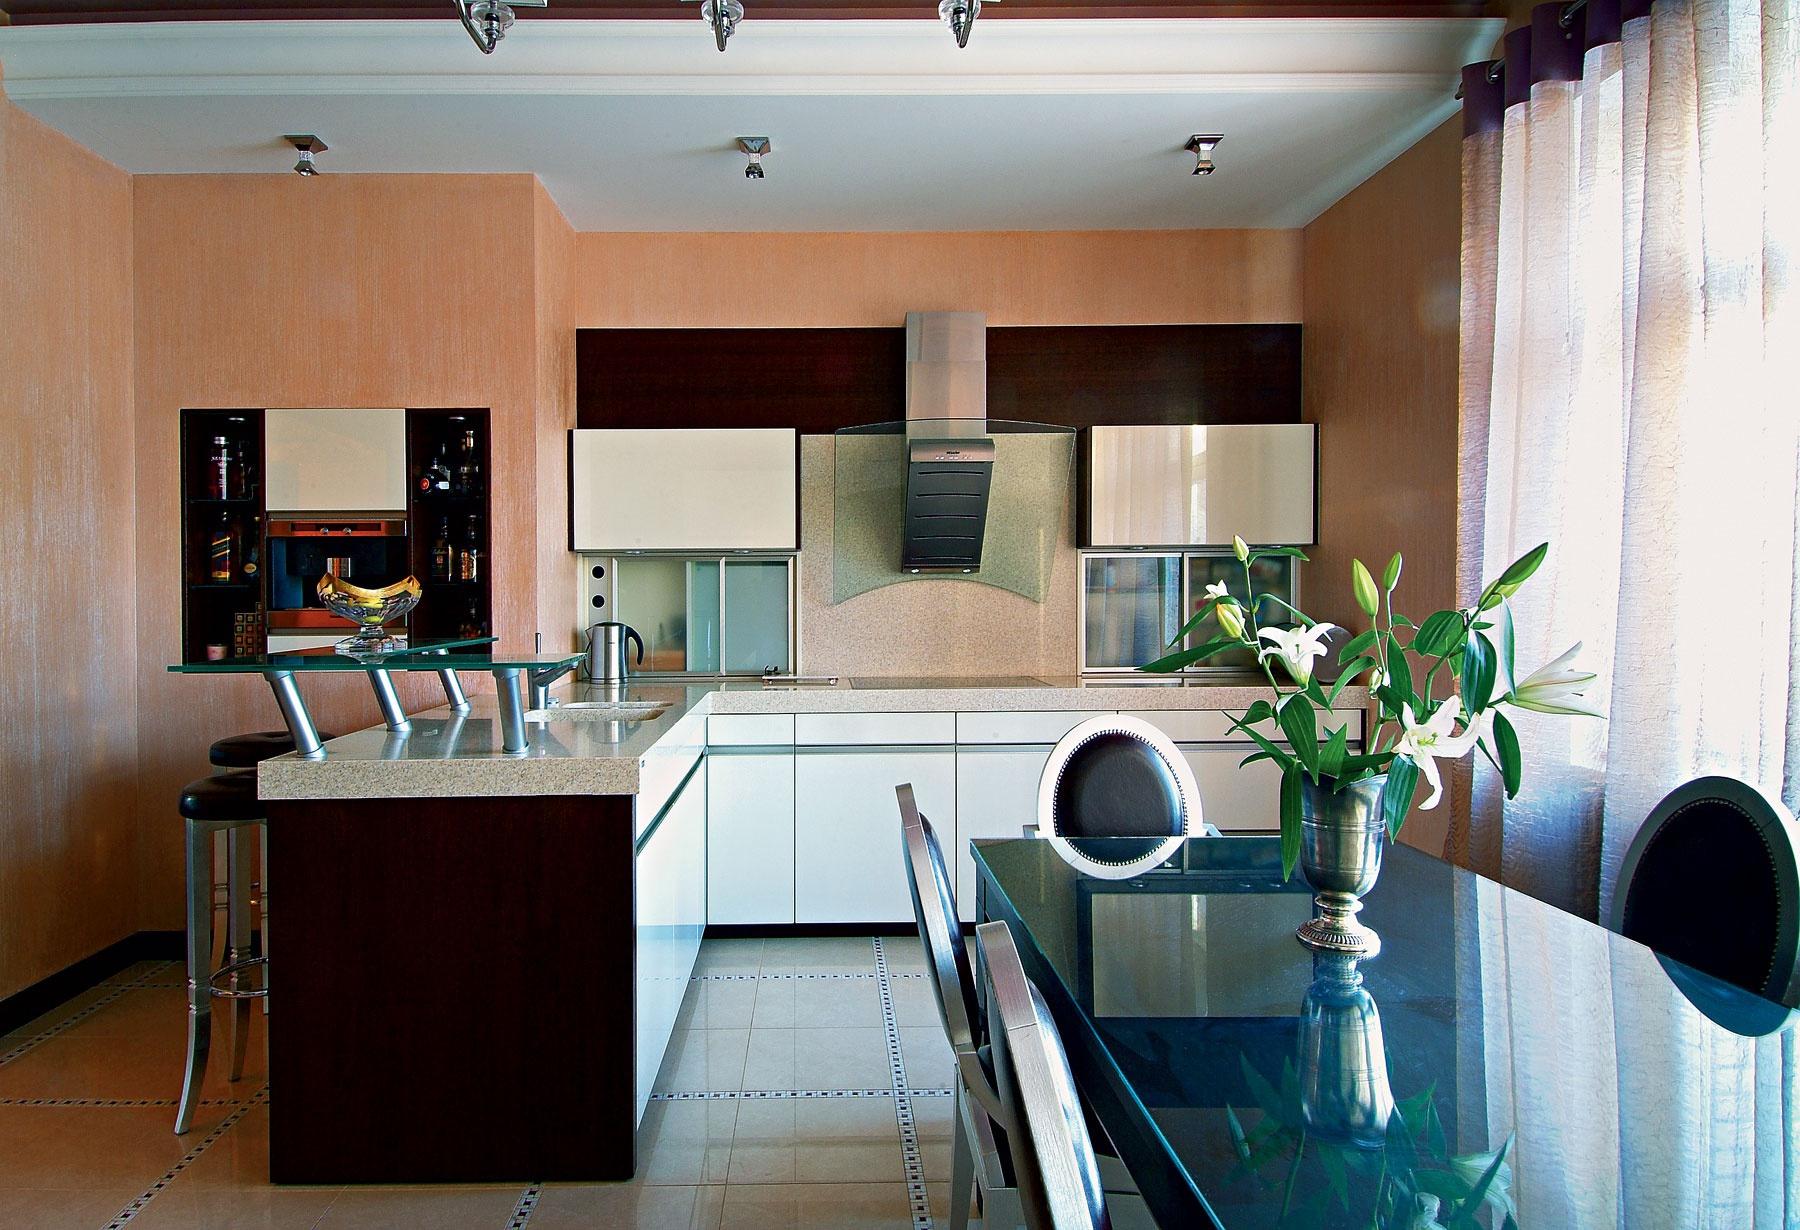 Персиковые стены в интерьере кухни с барной стойкой и обеденным столом